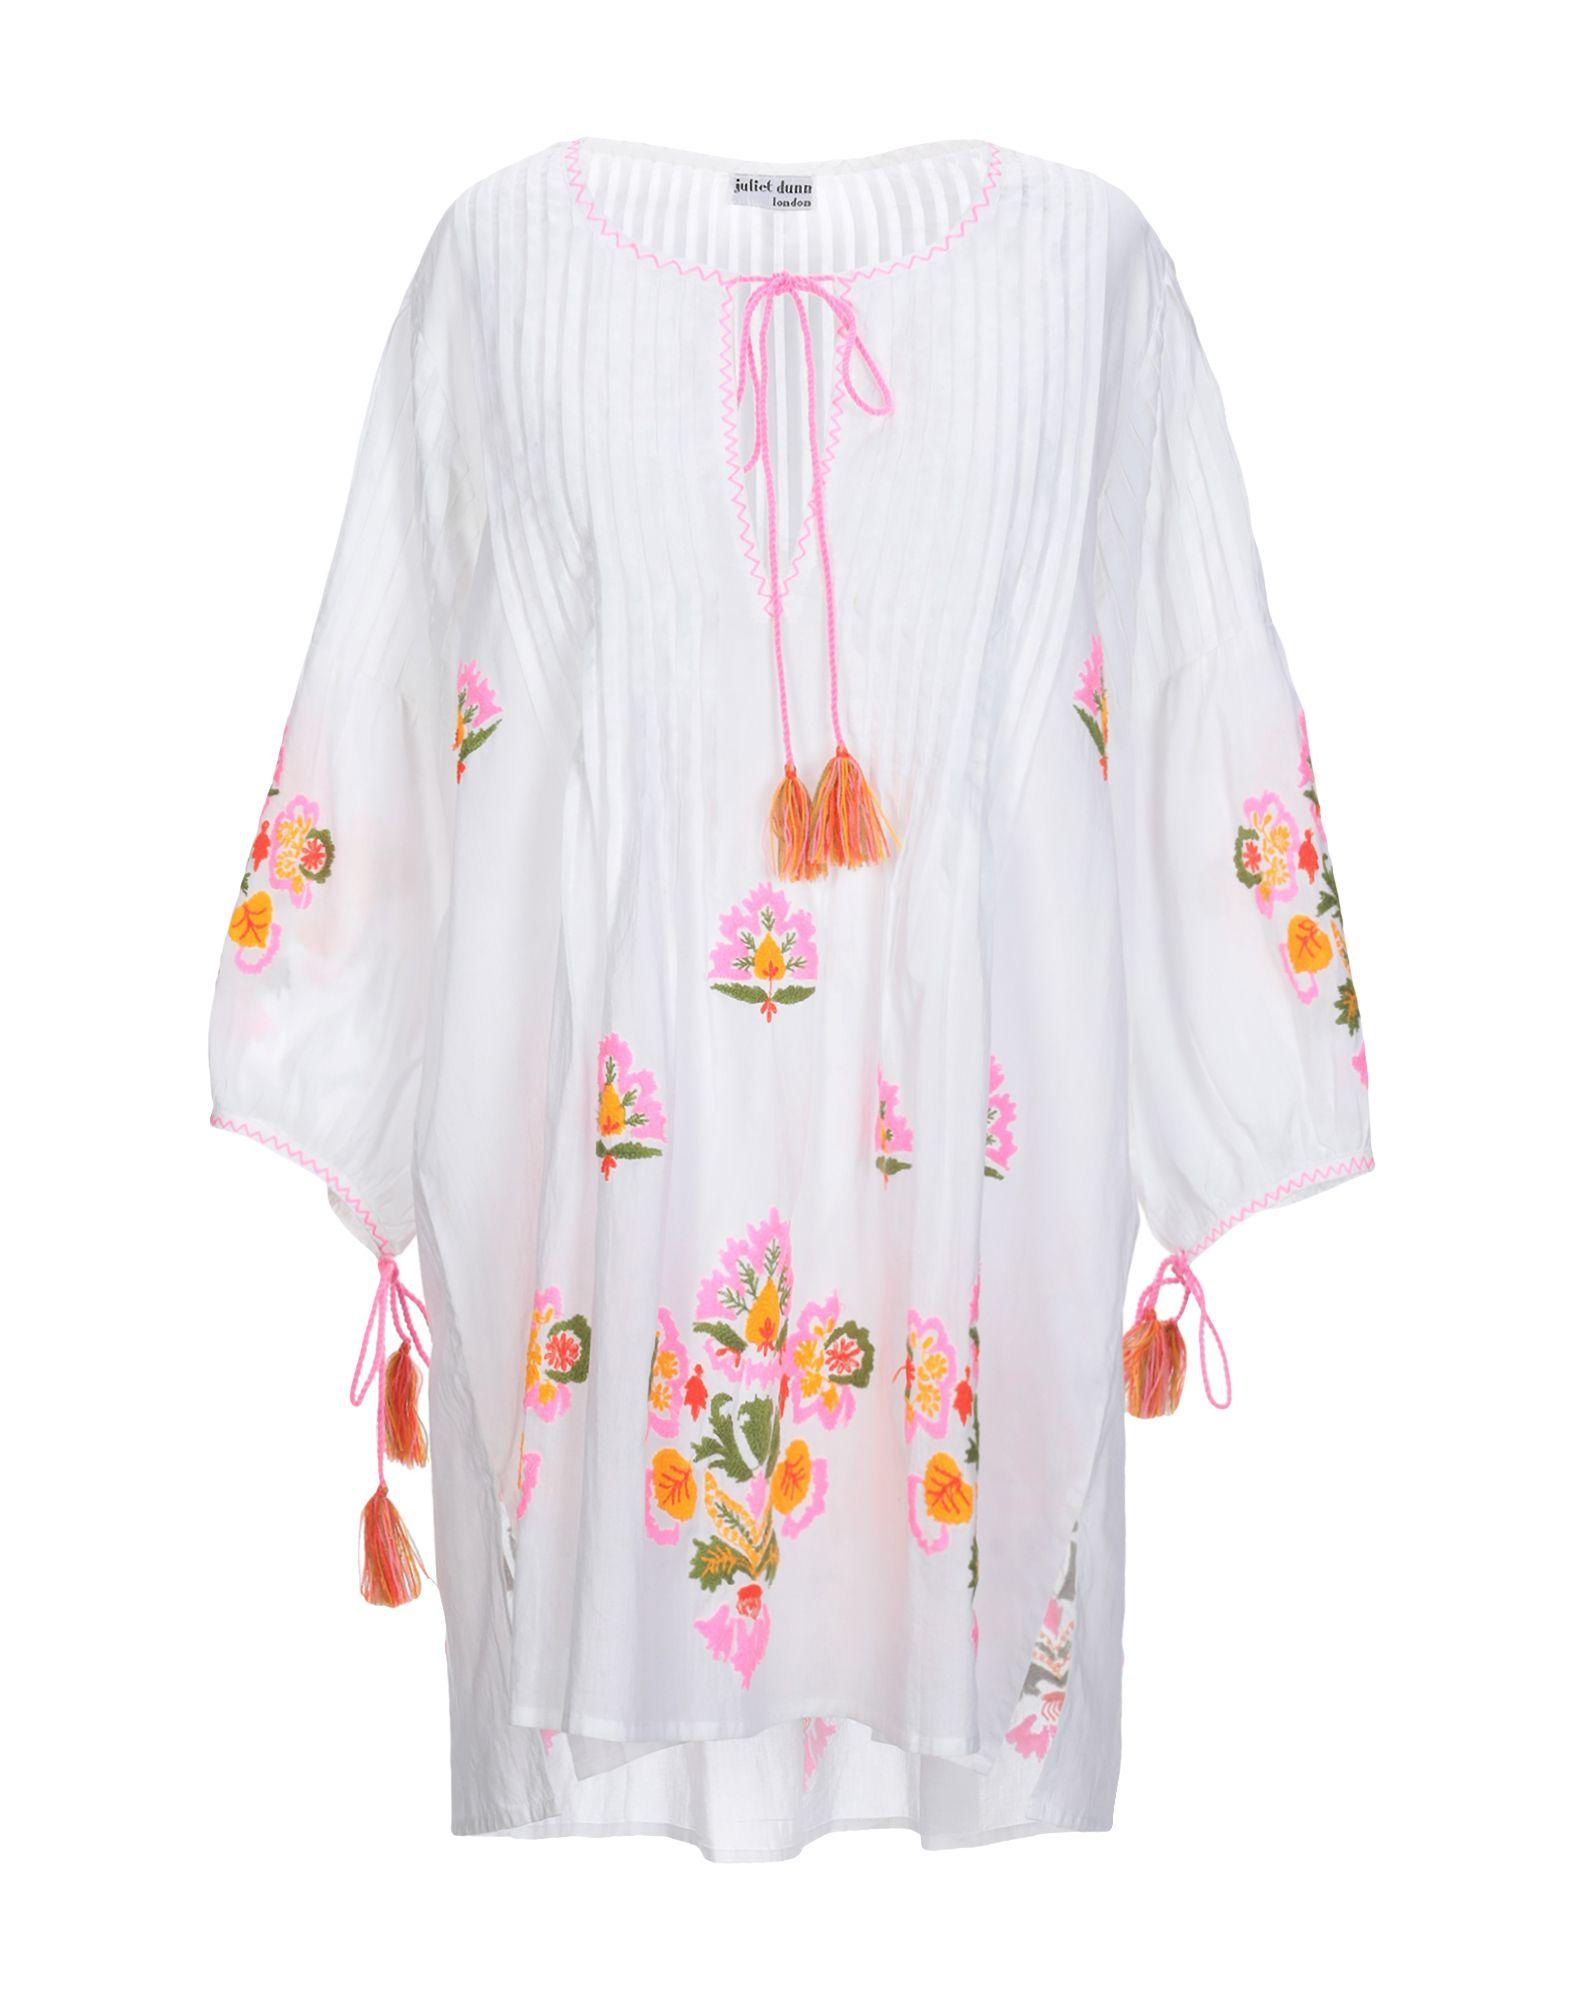 JULIET DUNN LONDON Блузка блузка quelle buffalo london 564007